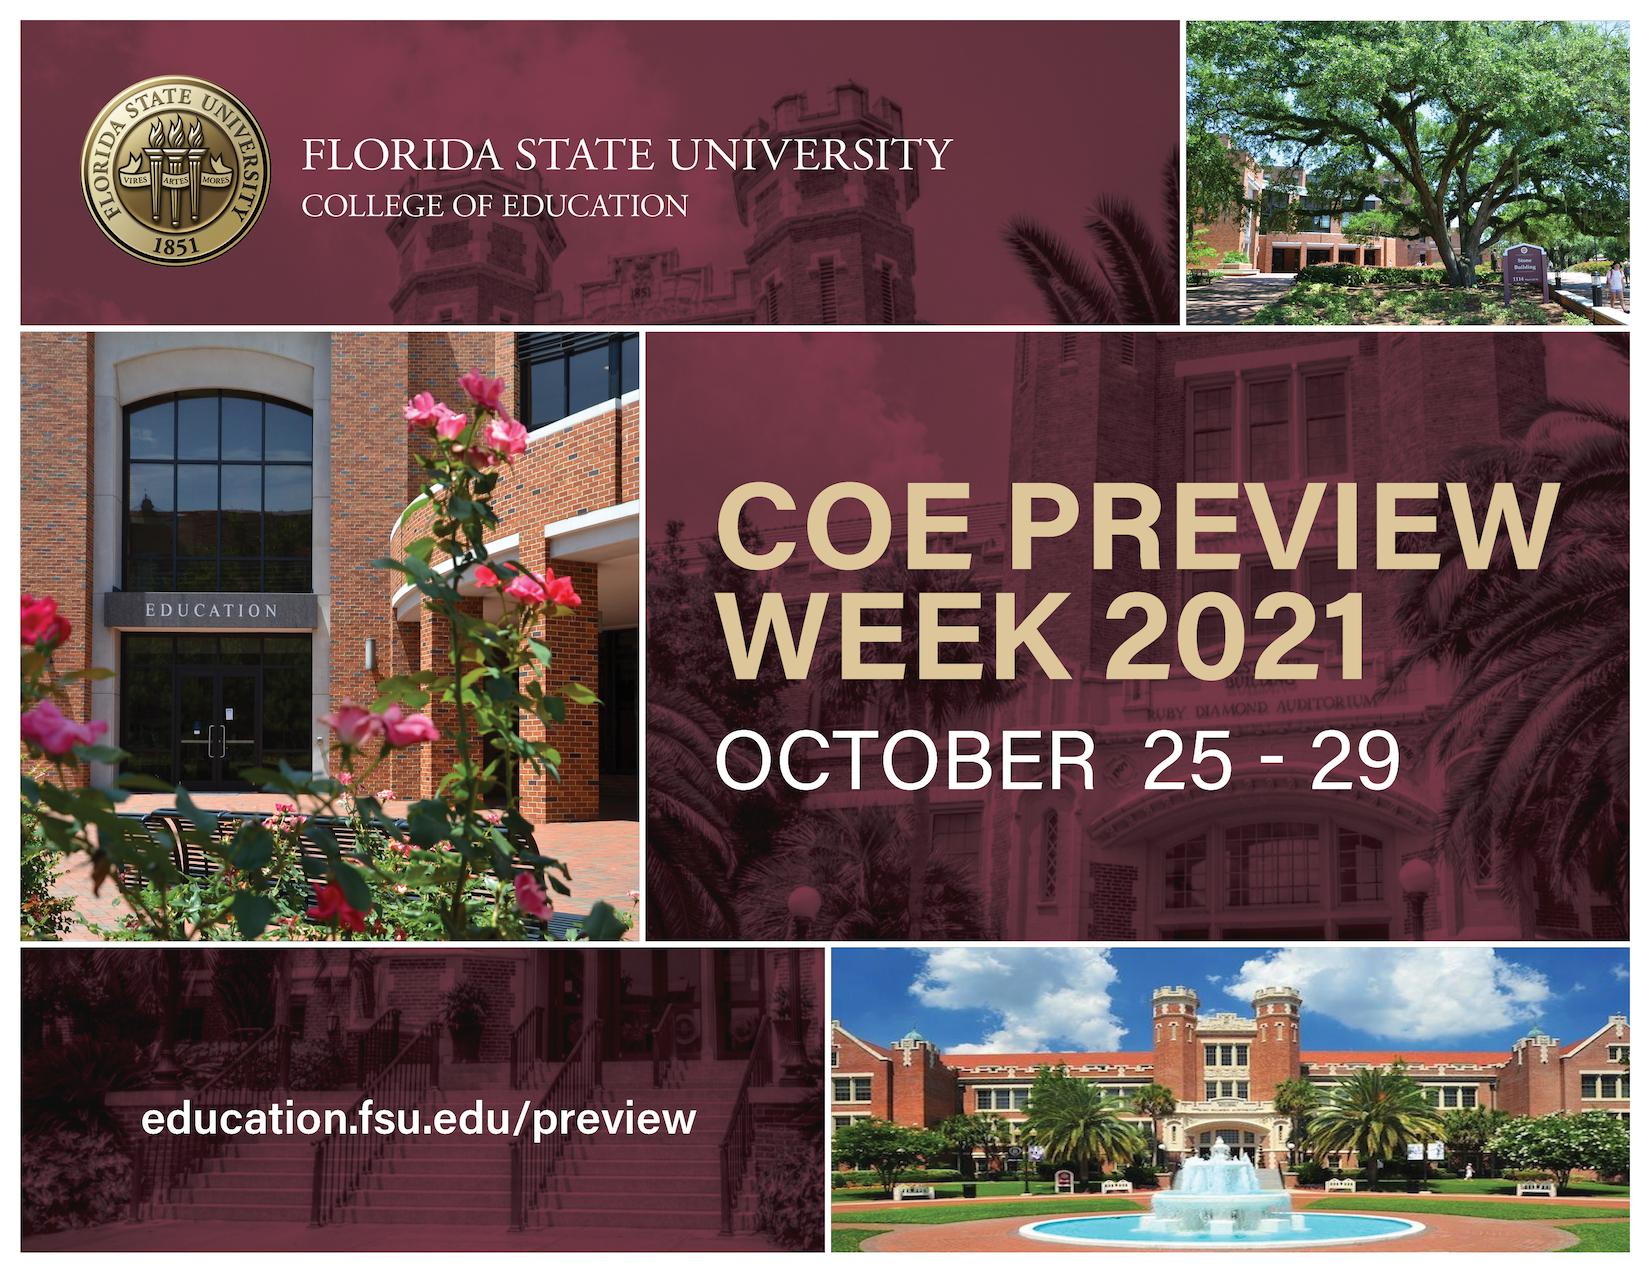 COE Preview Week